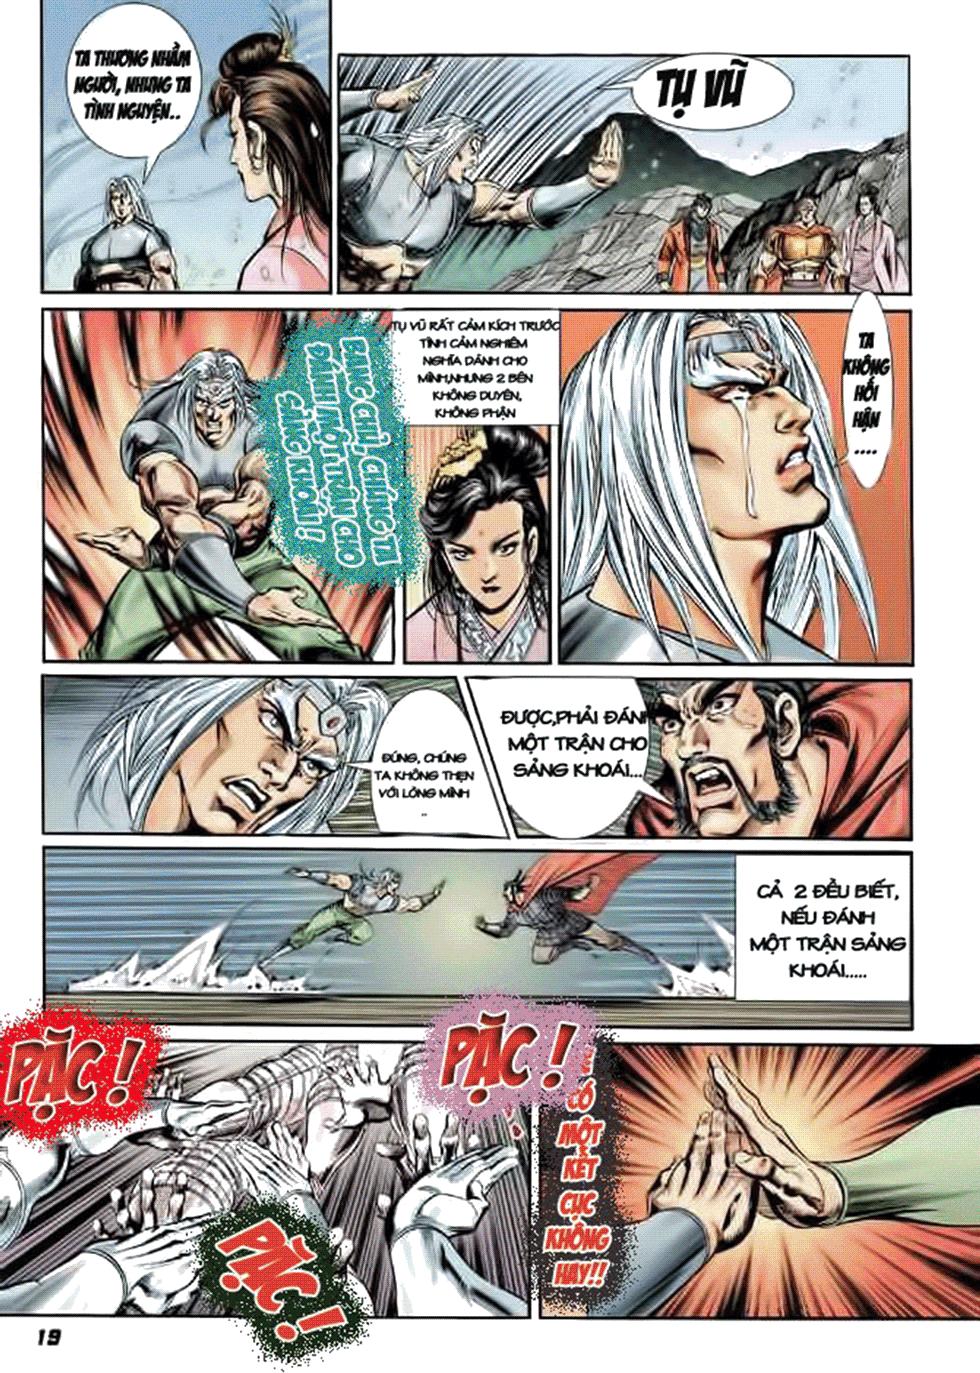 Tần Vương Doanh Chính chapter 8 trang 20